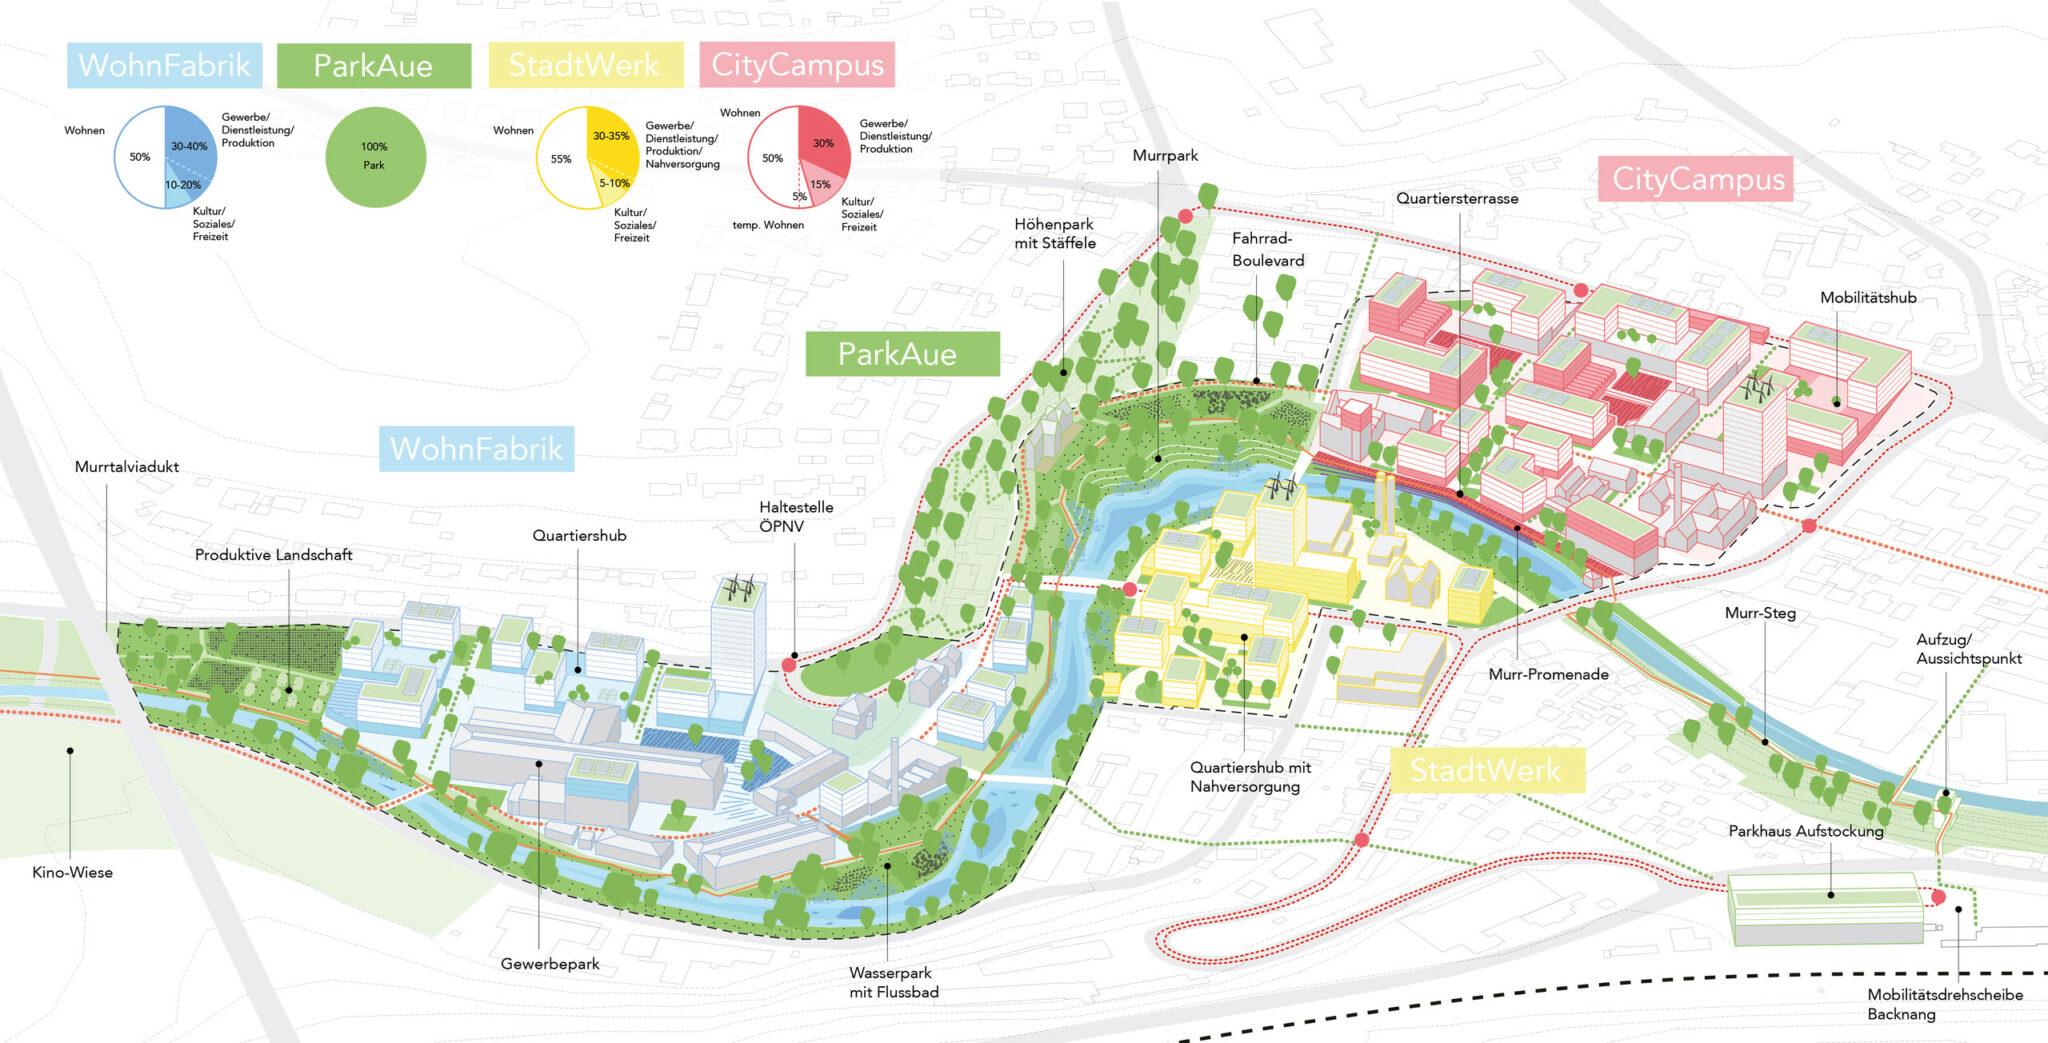 Wettbewerb »Quartier Backnang West«: Strukturbild zum Entwurf von Teleinternetcafe Architektur und Urbanismus zusammen mit Treibhaus Landschaftsarchitektur (Bild: Teleinternetcafe/Treibhaus)